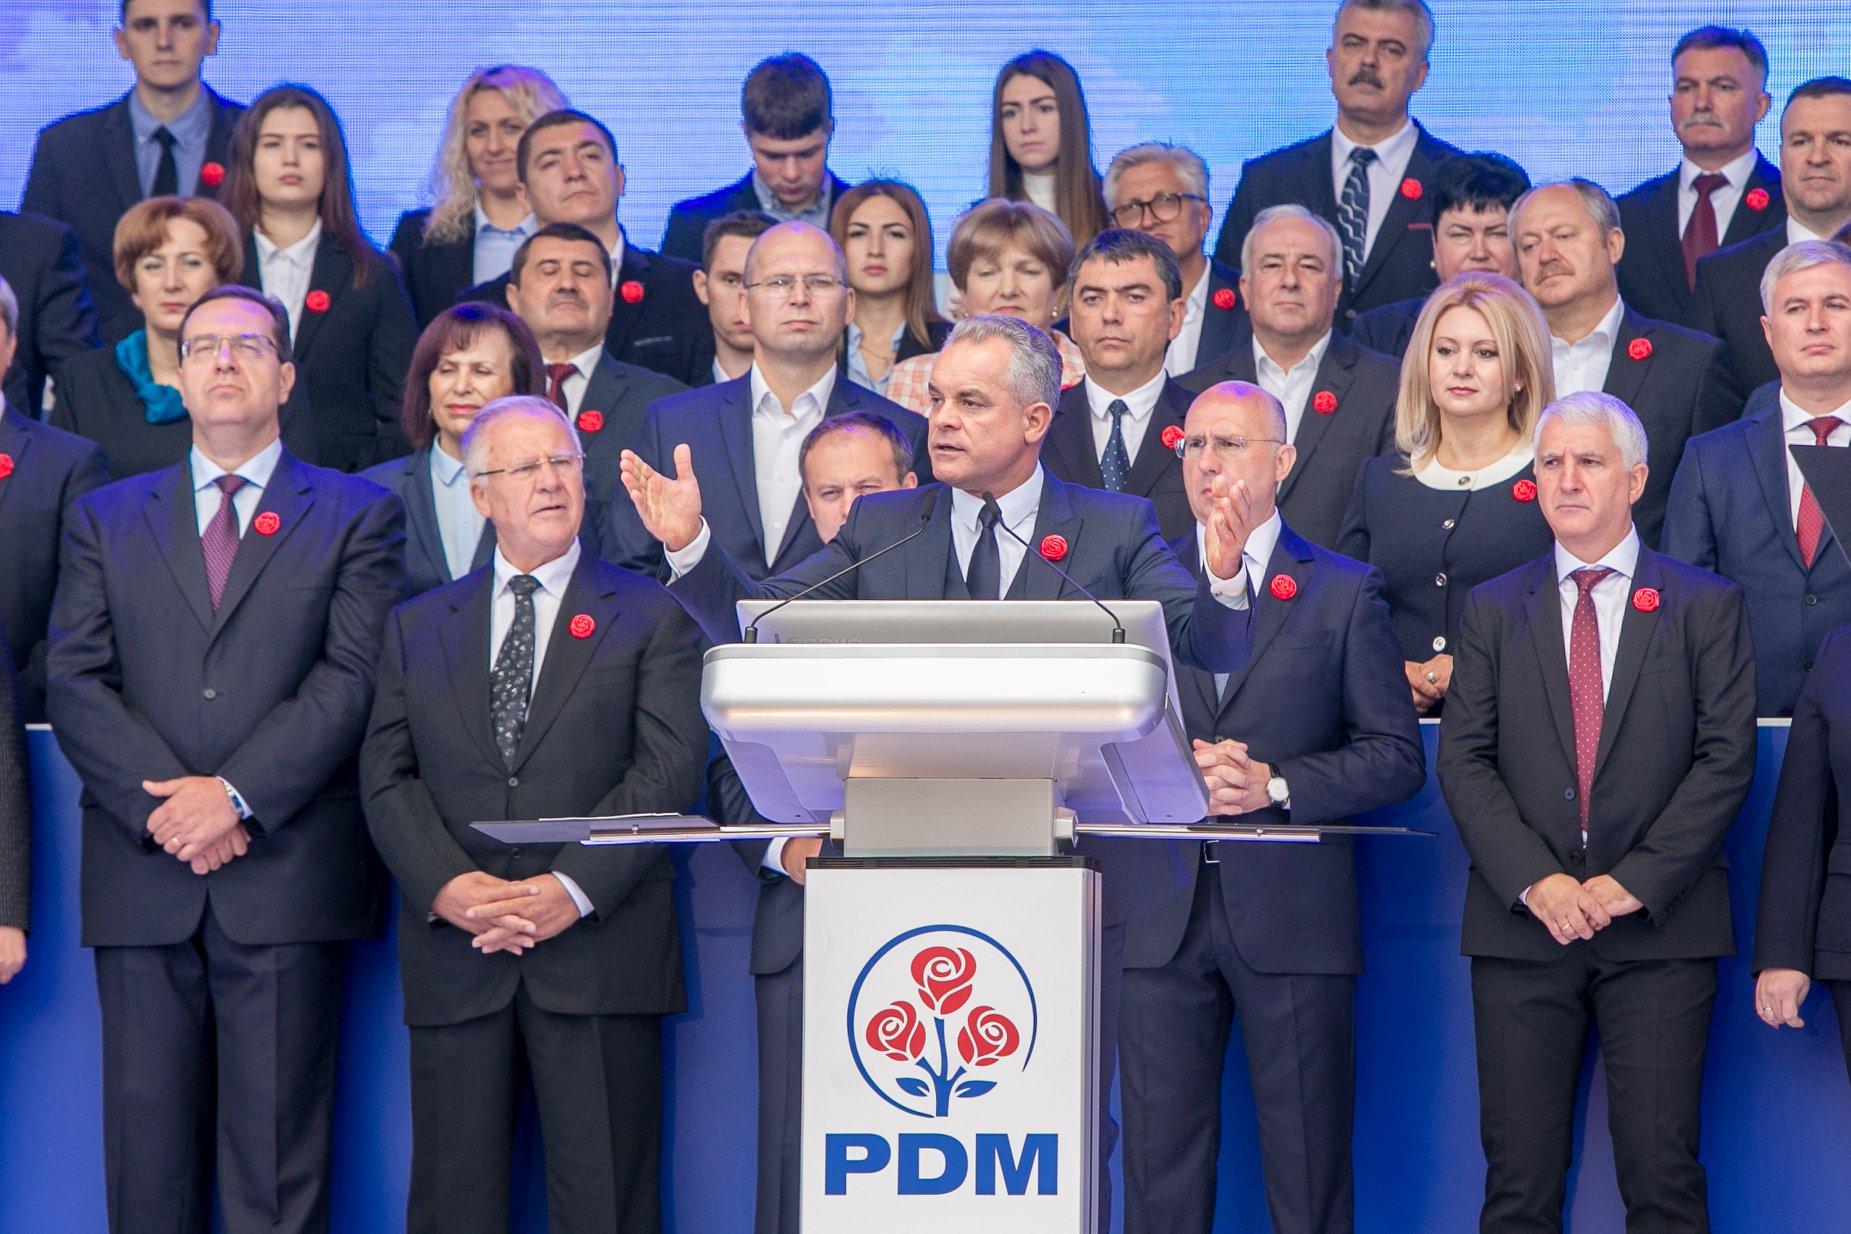 Pro-europenii de la Chisinau, ACUM, PAS, PLtaforma DA, Populari Europeni, Parlamentul European, Comisia Europeana, PDM, Plahotniuc, Guvernul Filip, Pavel Filip, Guvernarea PDM, Plahotniuc la Bruxelles, Bruxelles, europenii si Moldova, europenii catre Chisinau, Parlamentul de la Chisinau, majoritatea democrata, Coorodnatorul coalitiei de Guvernare, Partidul Democrat din Moldova, alegeri 2019, alegeri parlamentare, 24 februarie 2019, Plahotniuc, Chişinău, Piaţa Marii Adunări Naţionale, 21 octombrie 2018, pdm candu filip,